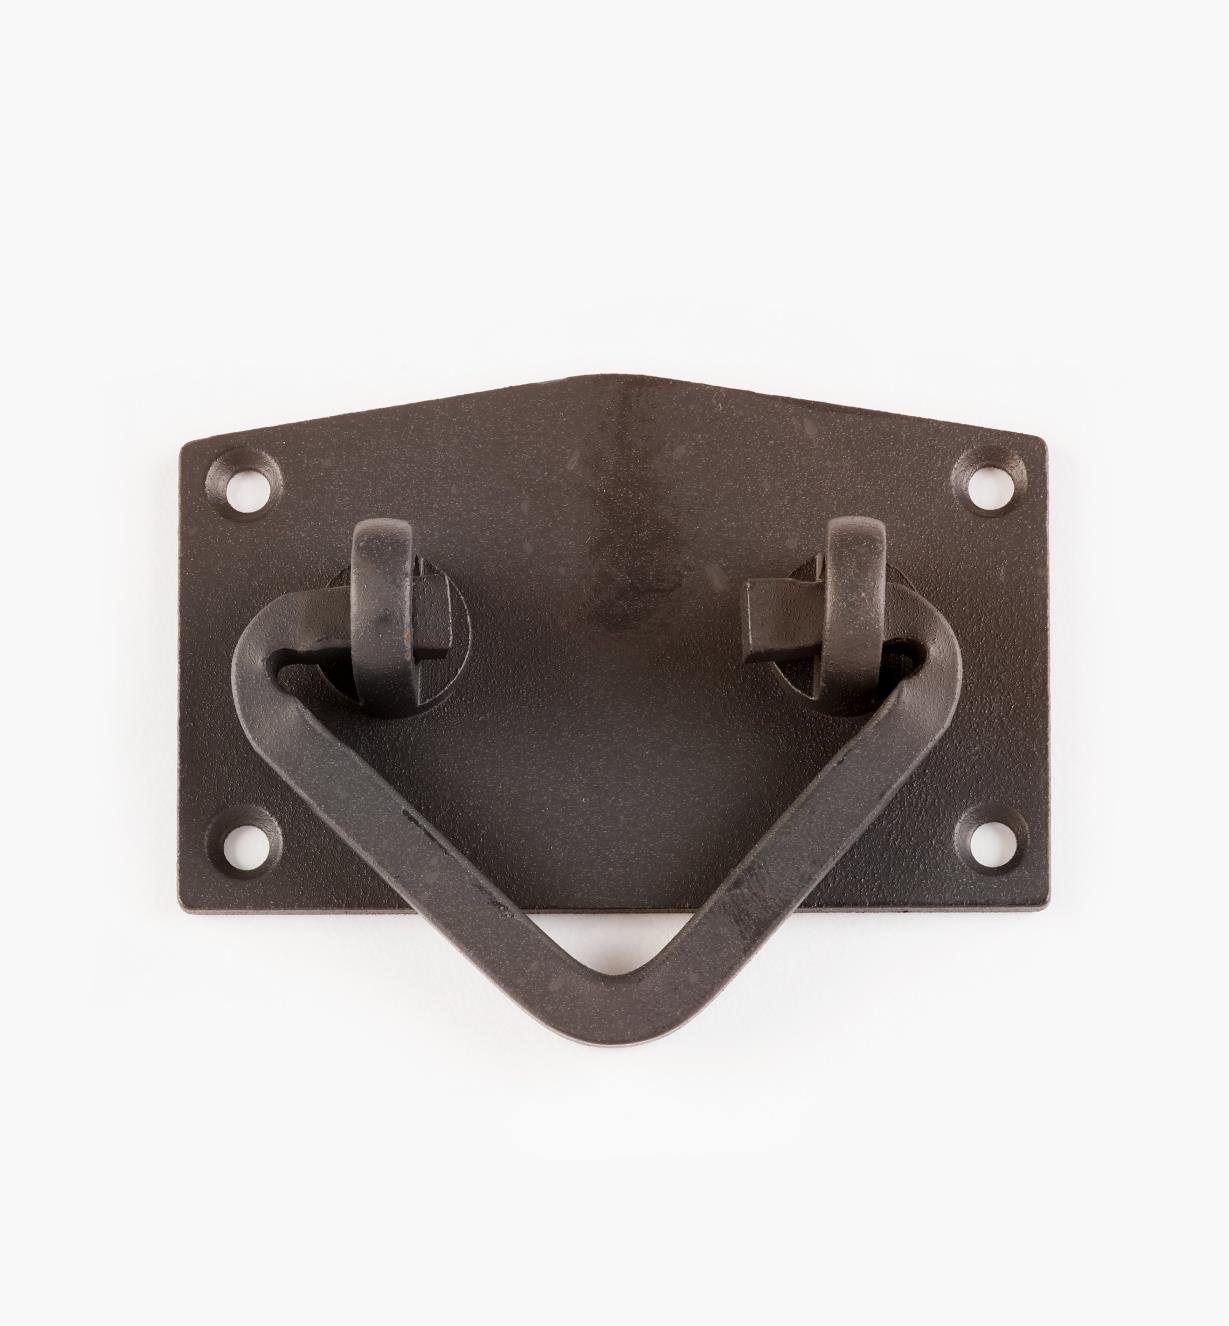 00D5560 - Poignée sur platine Tansu de 76 mm x 60 mm, fini noir vieilli